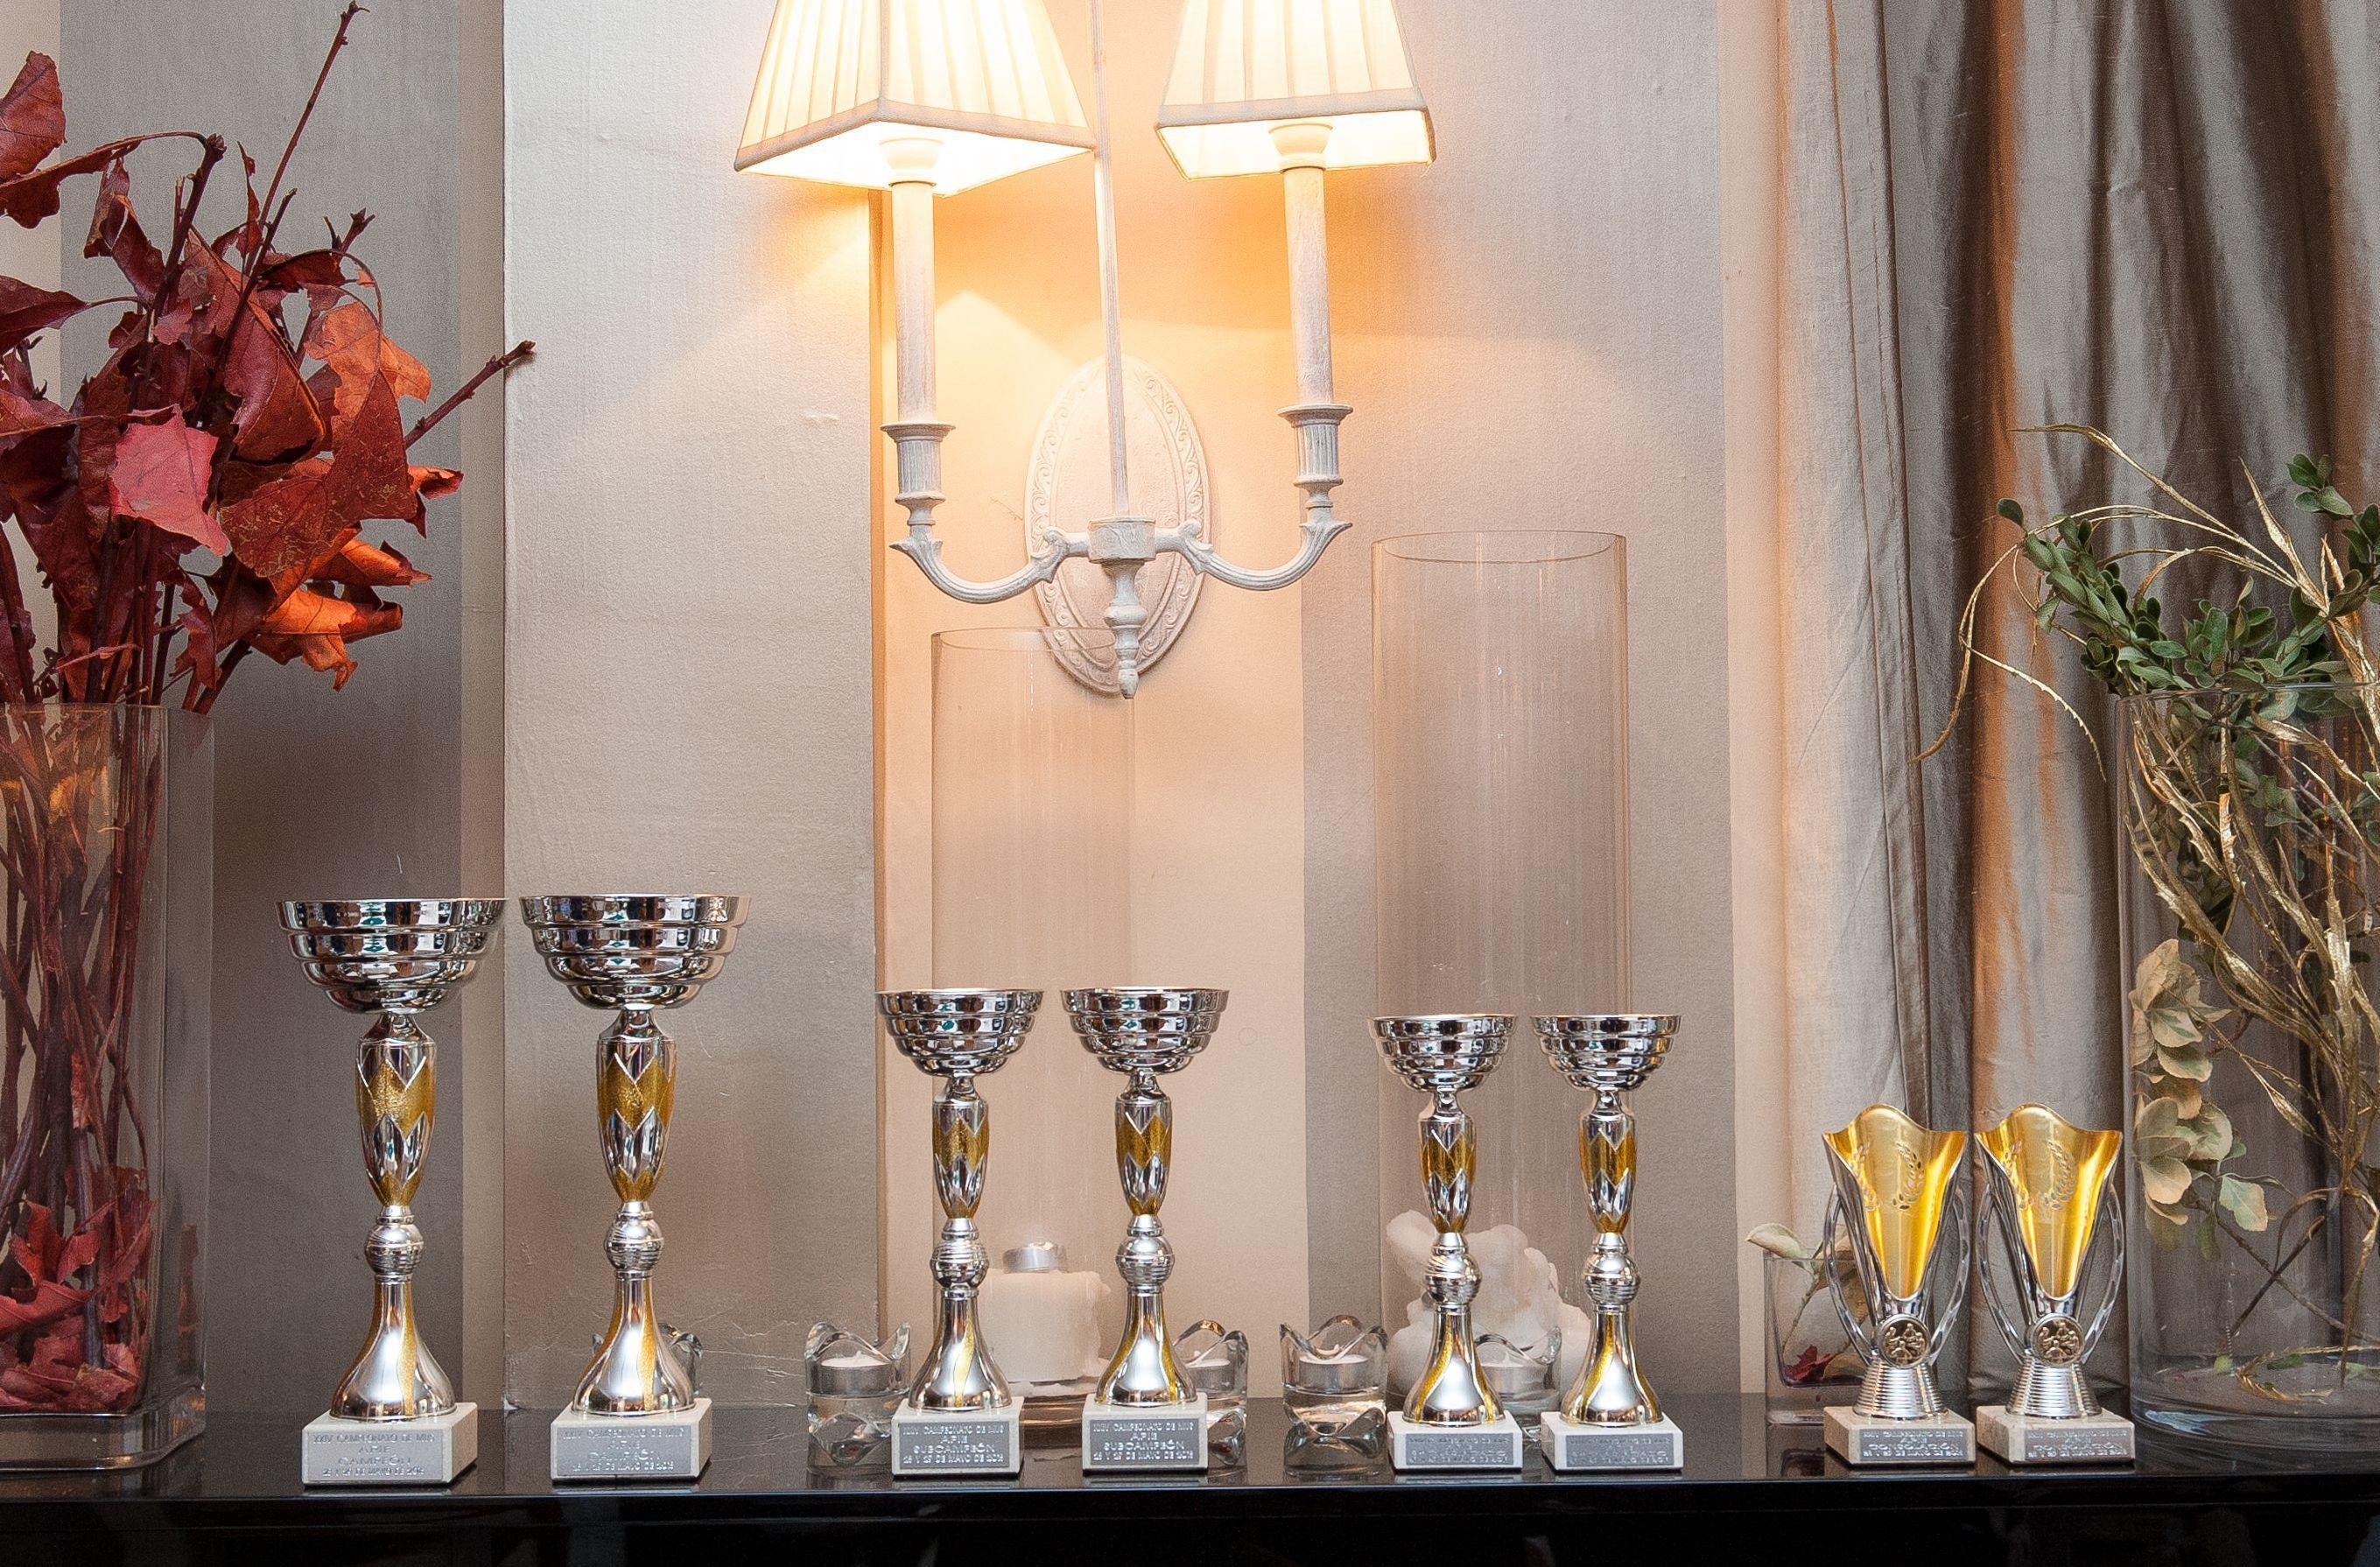 Los trofeos del XXIV Torneo de Mus de la APIE, aguardando a sus ganadores.